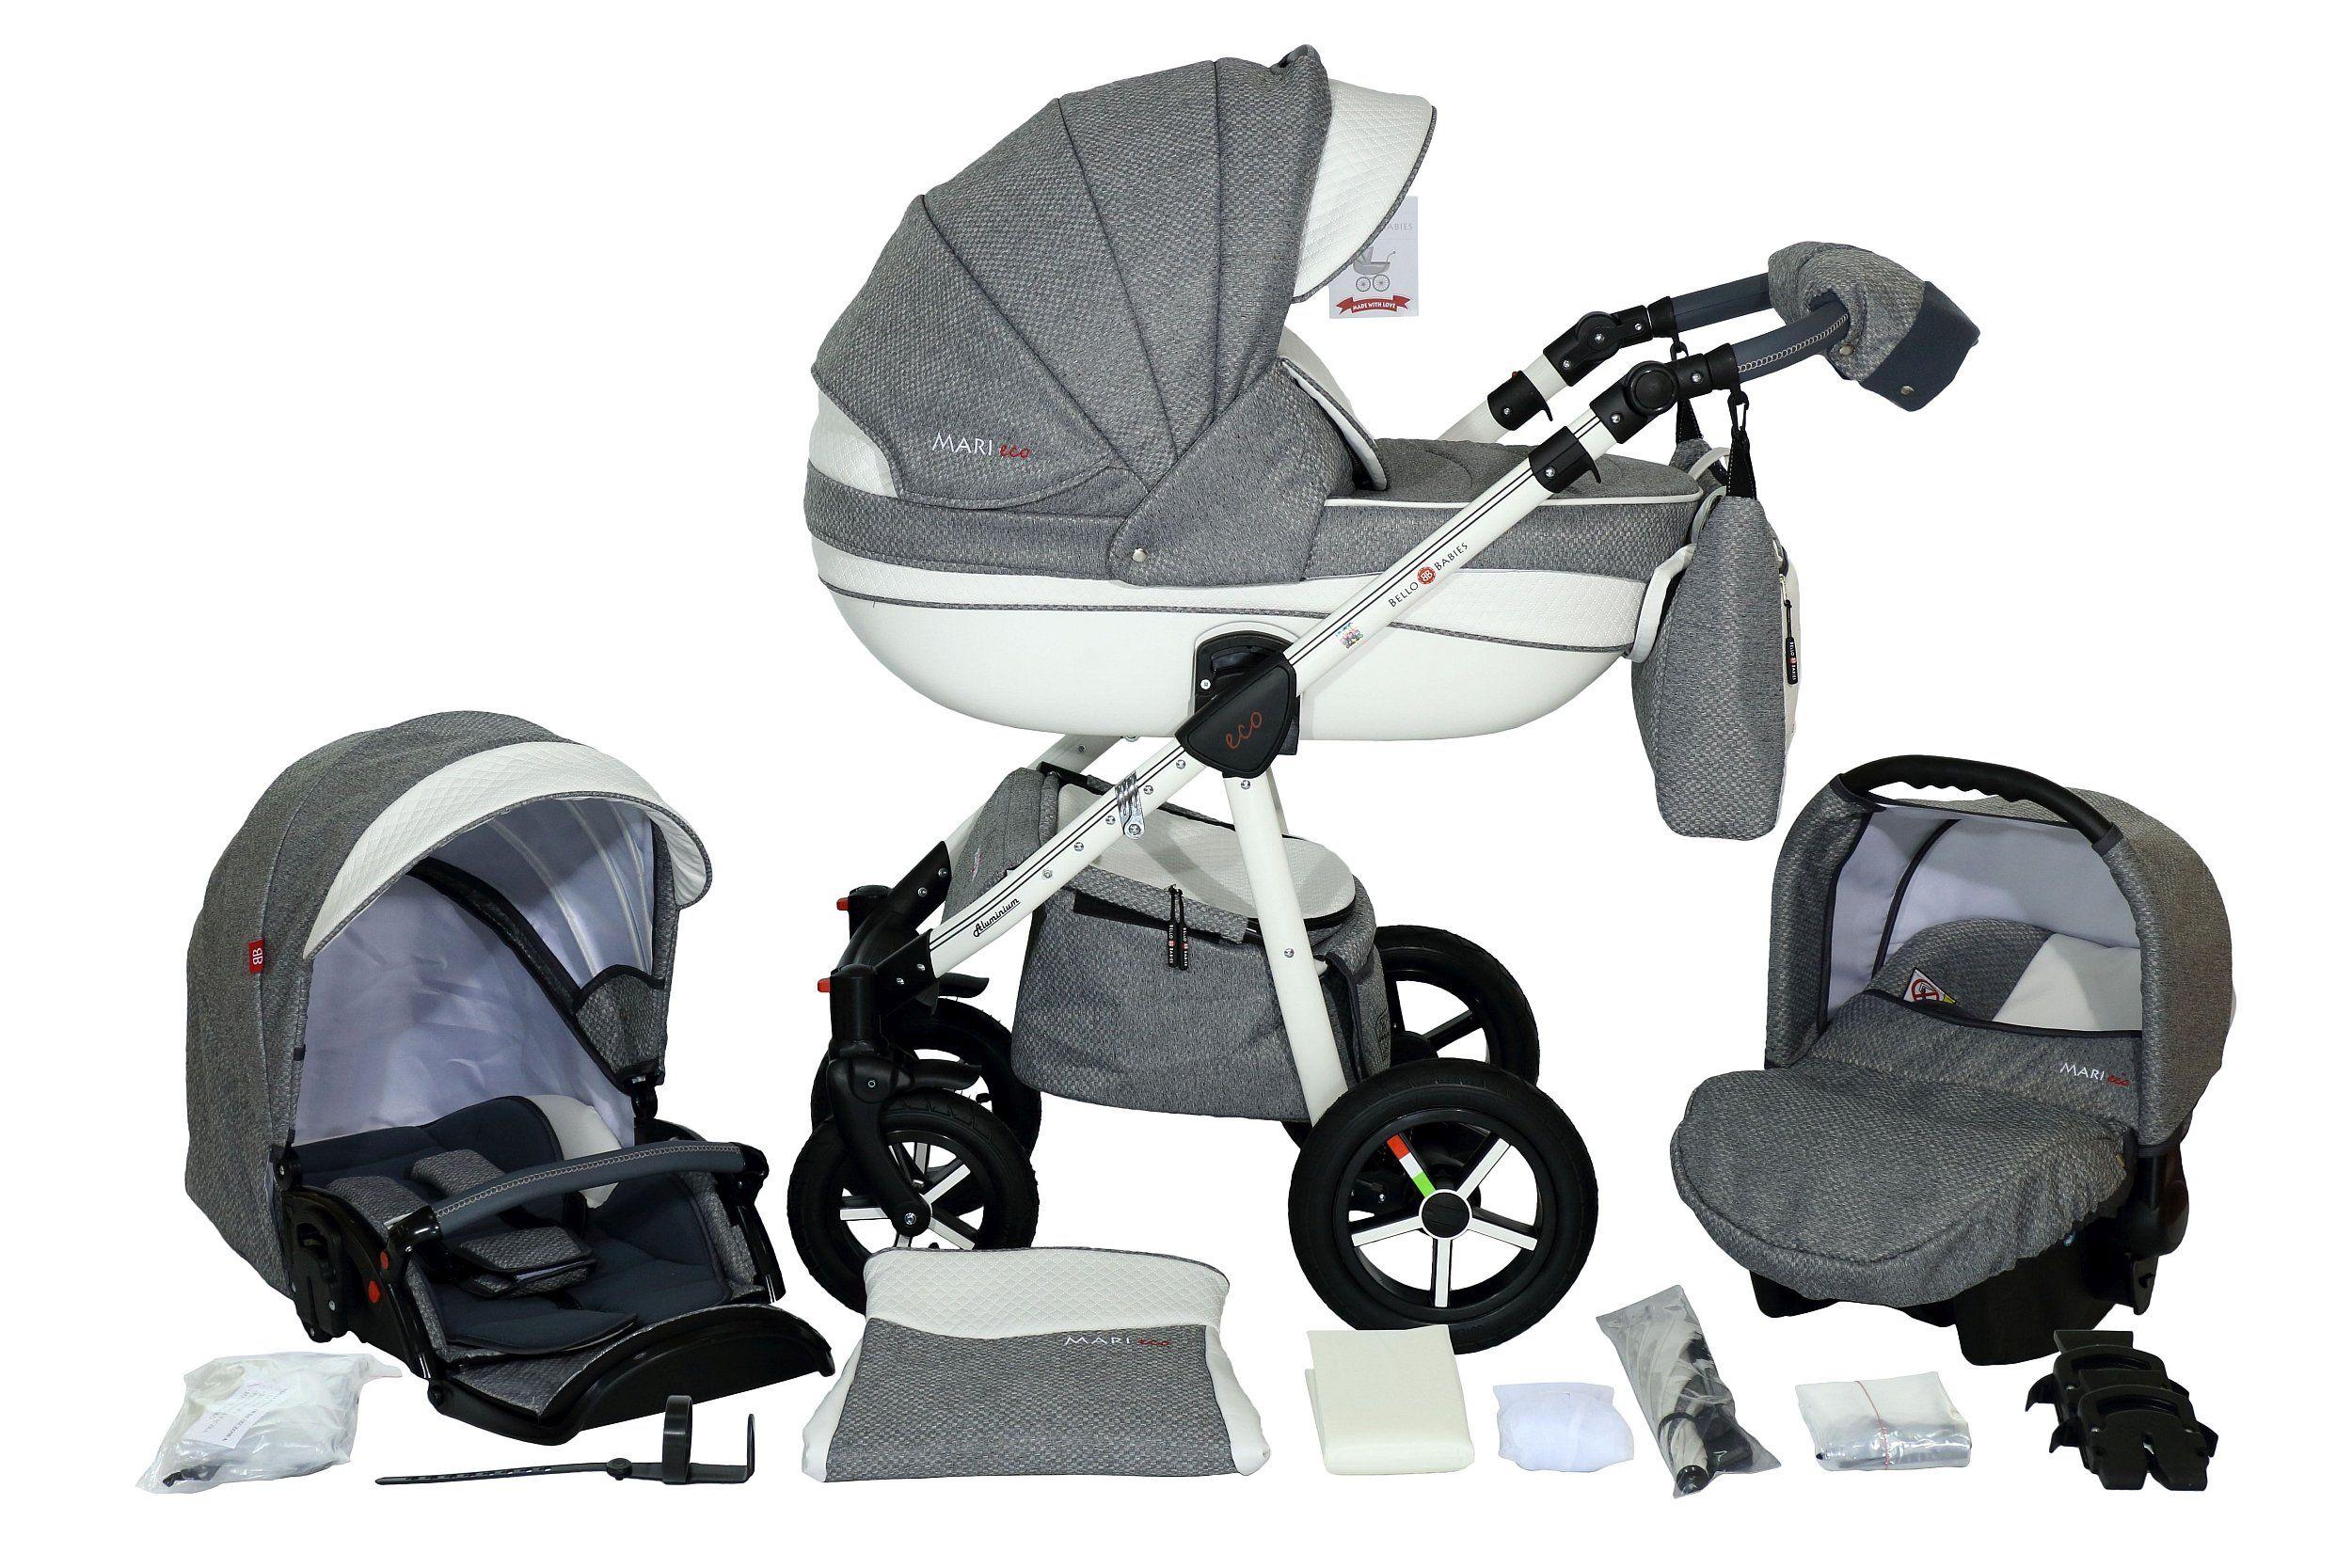 Wozek Dzieciecy Bellobabies Mari Eco 3w1 Akcesoria 7626336096 Oficjalne Archiwum Allegro Stroller Baby Strollers Travel System Car Seats